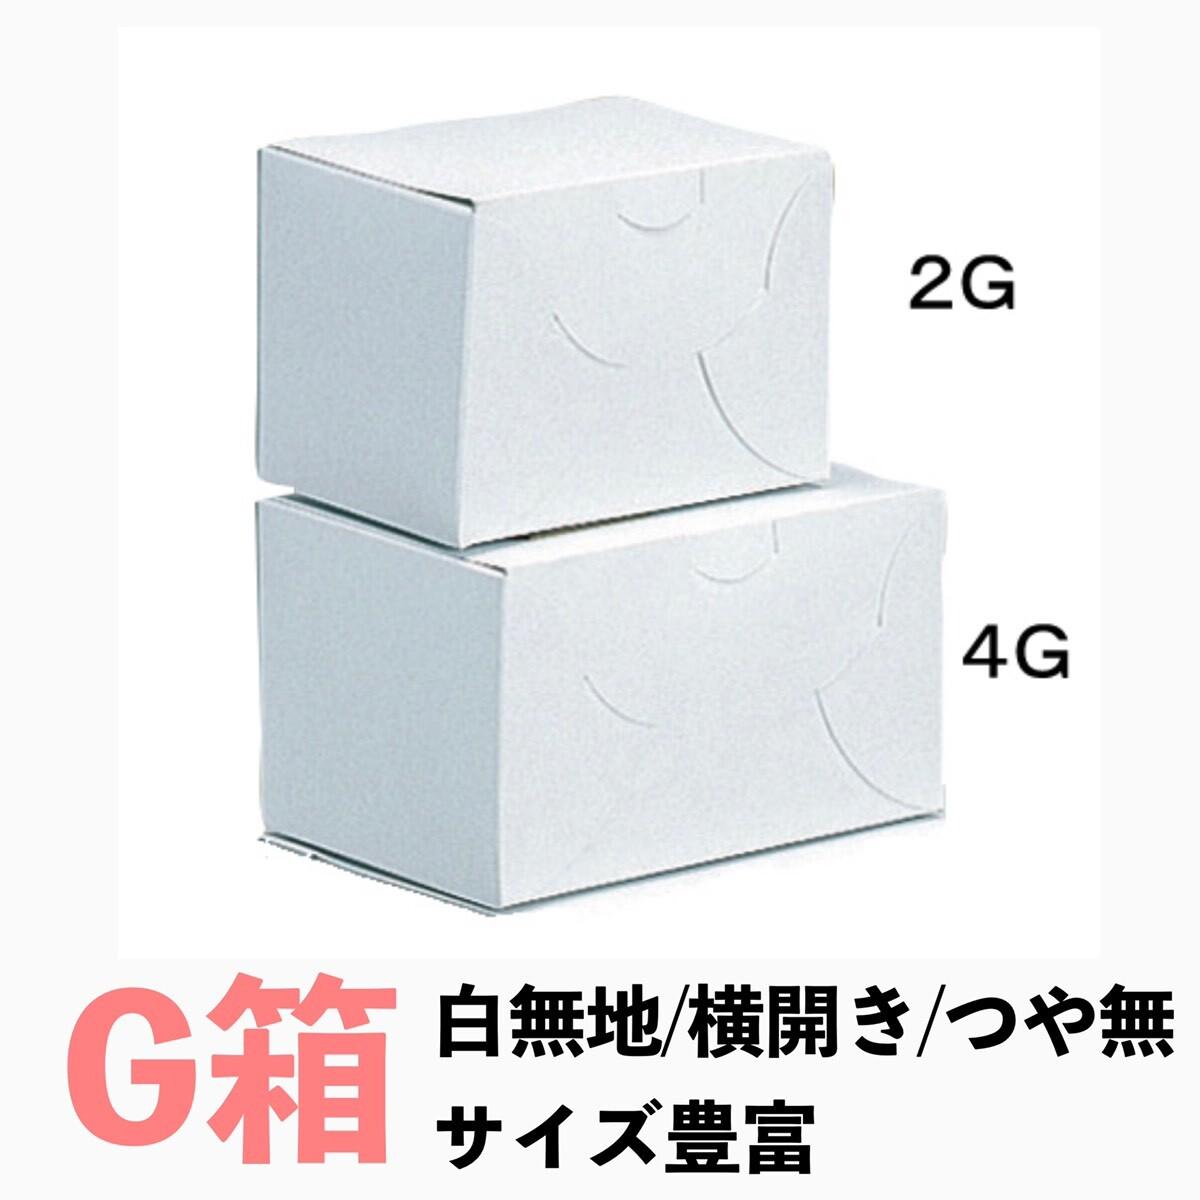 画像1: C-01-G(白無地横入れ手さげなし)/2G/4G (1)